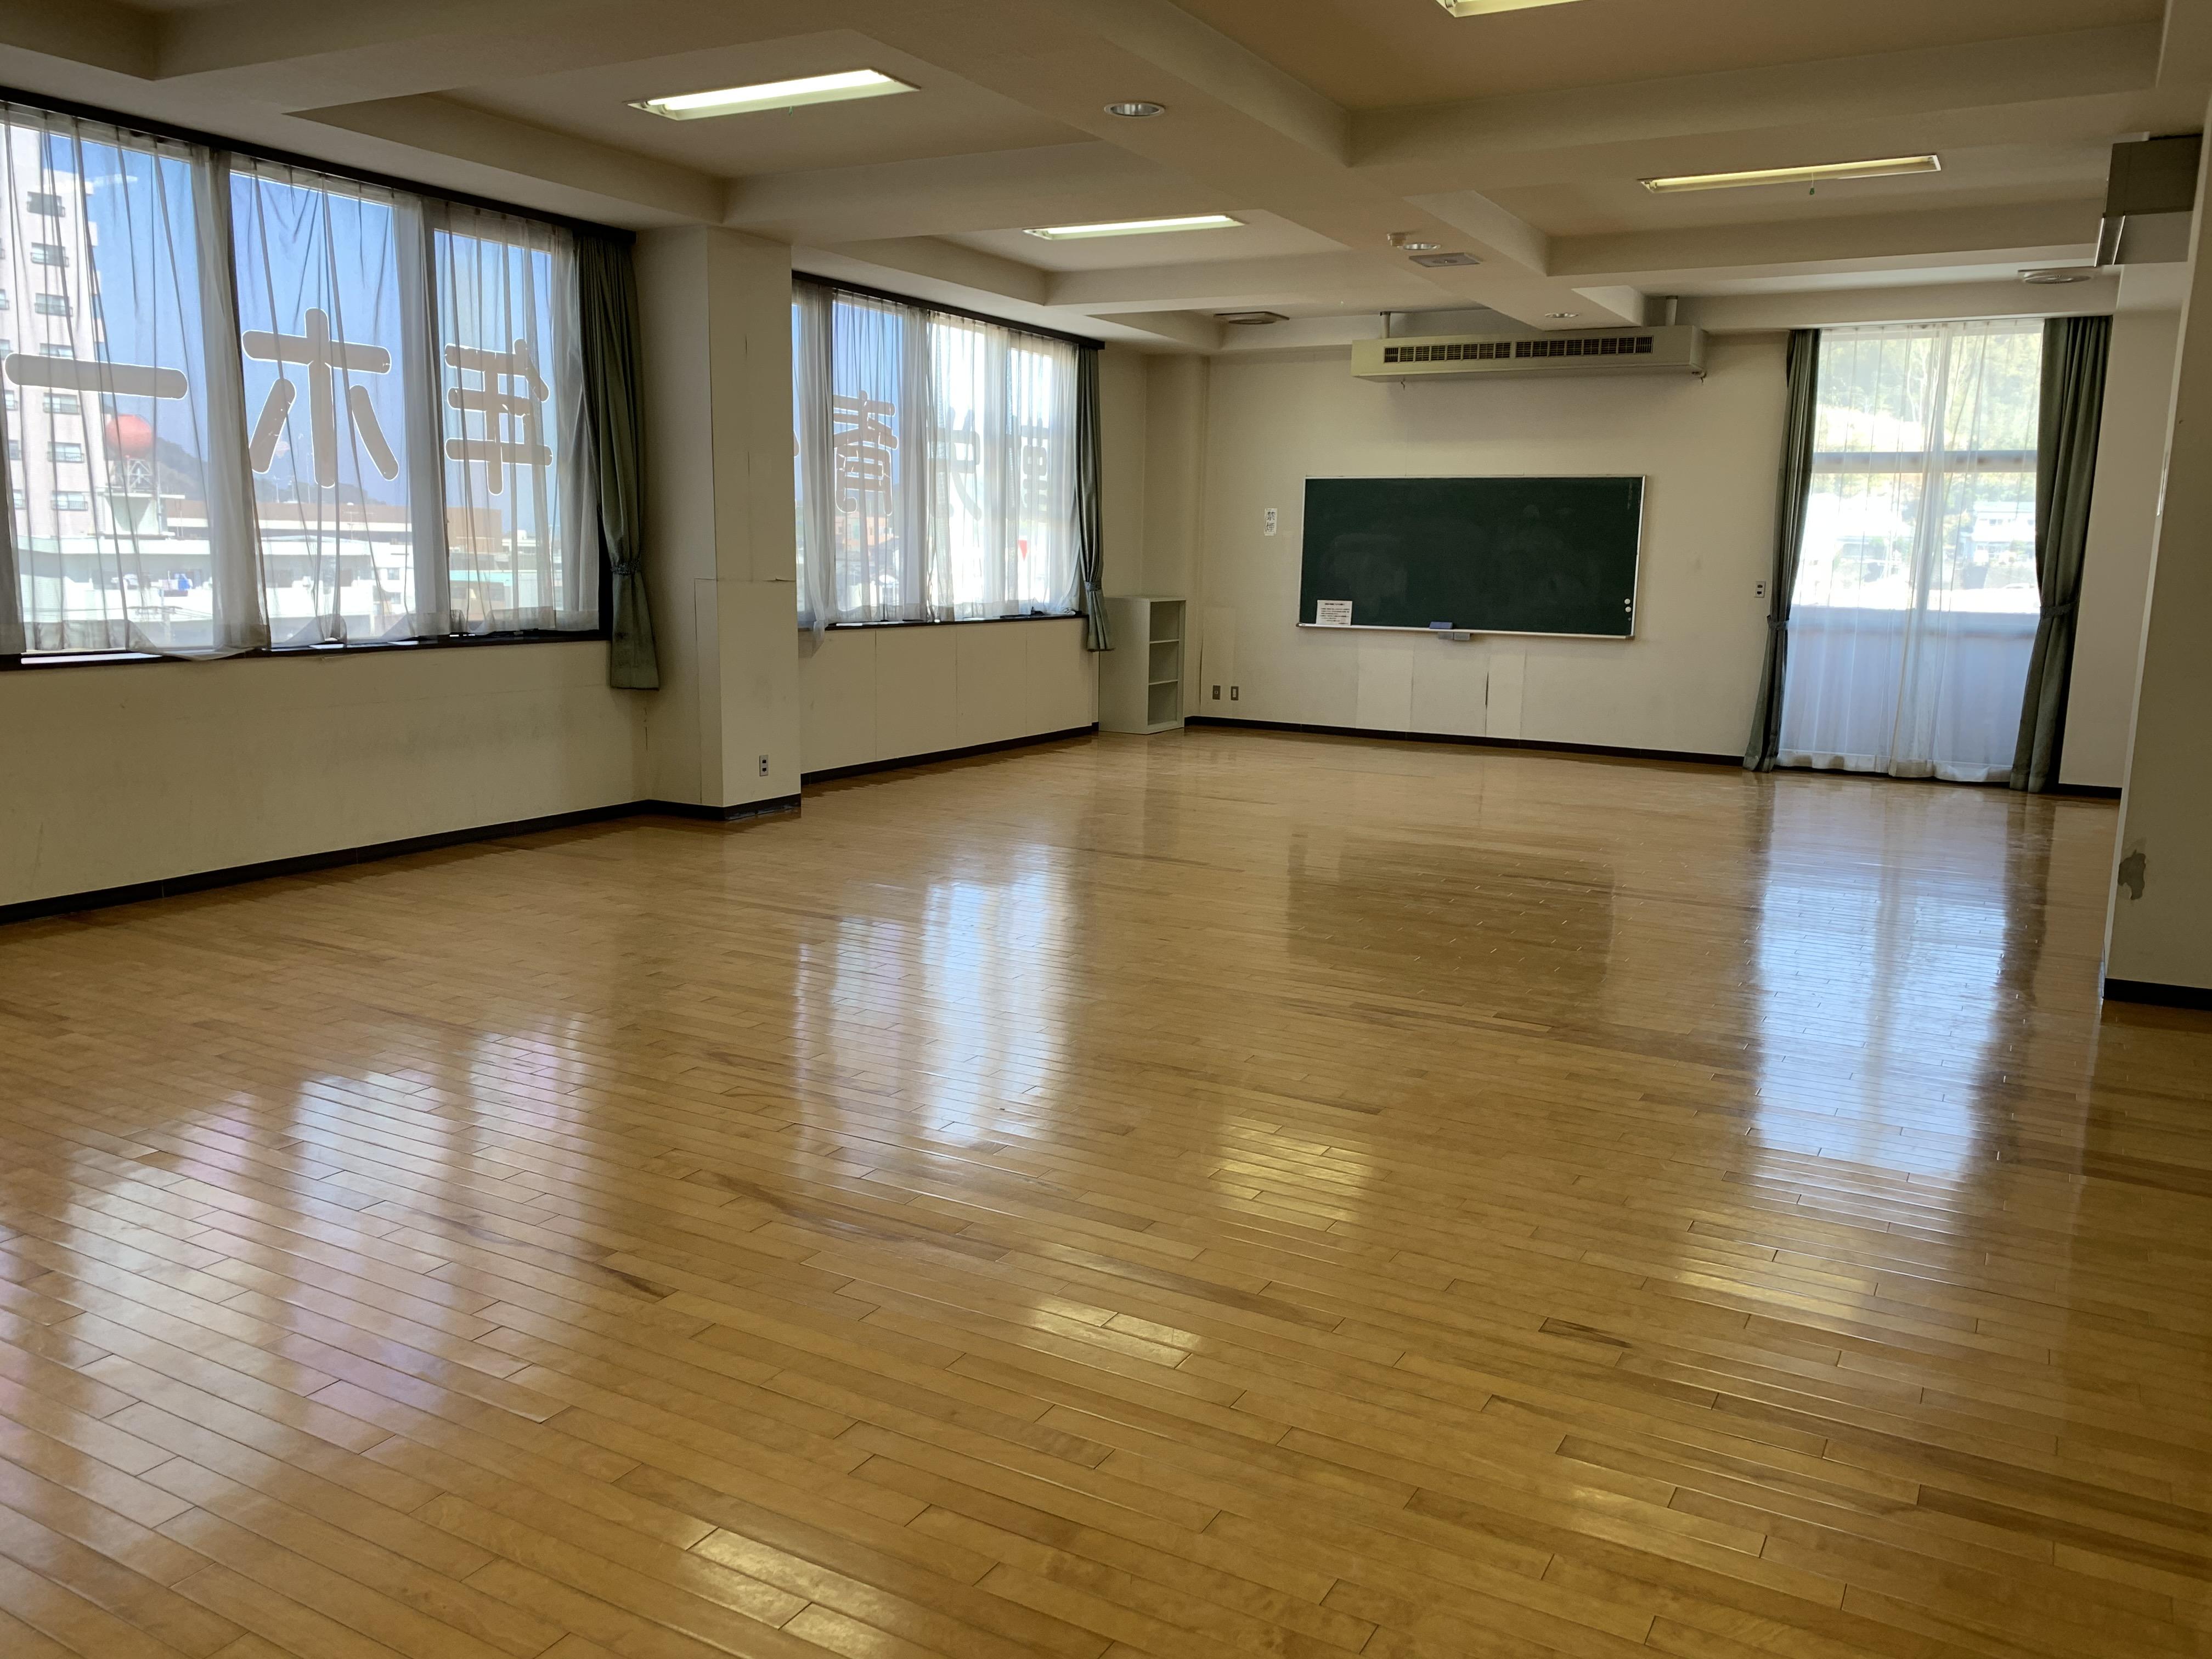 7.勤労青少年ホーム h.軽スポーツ室12